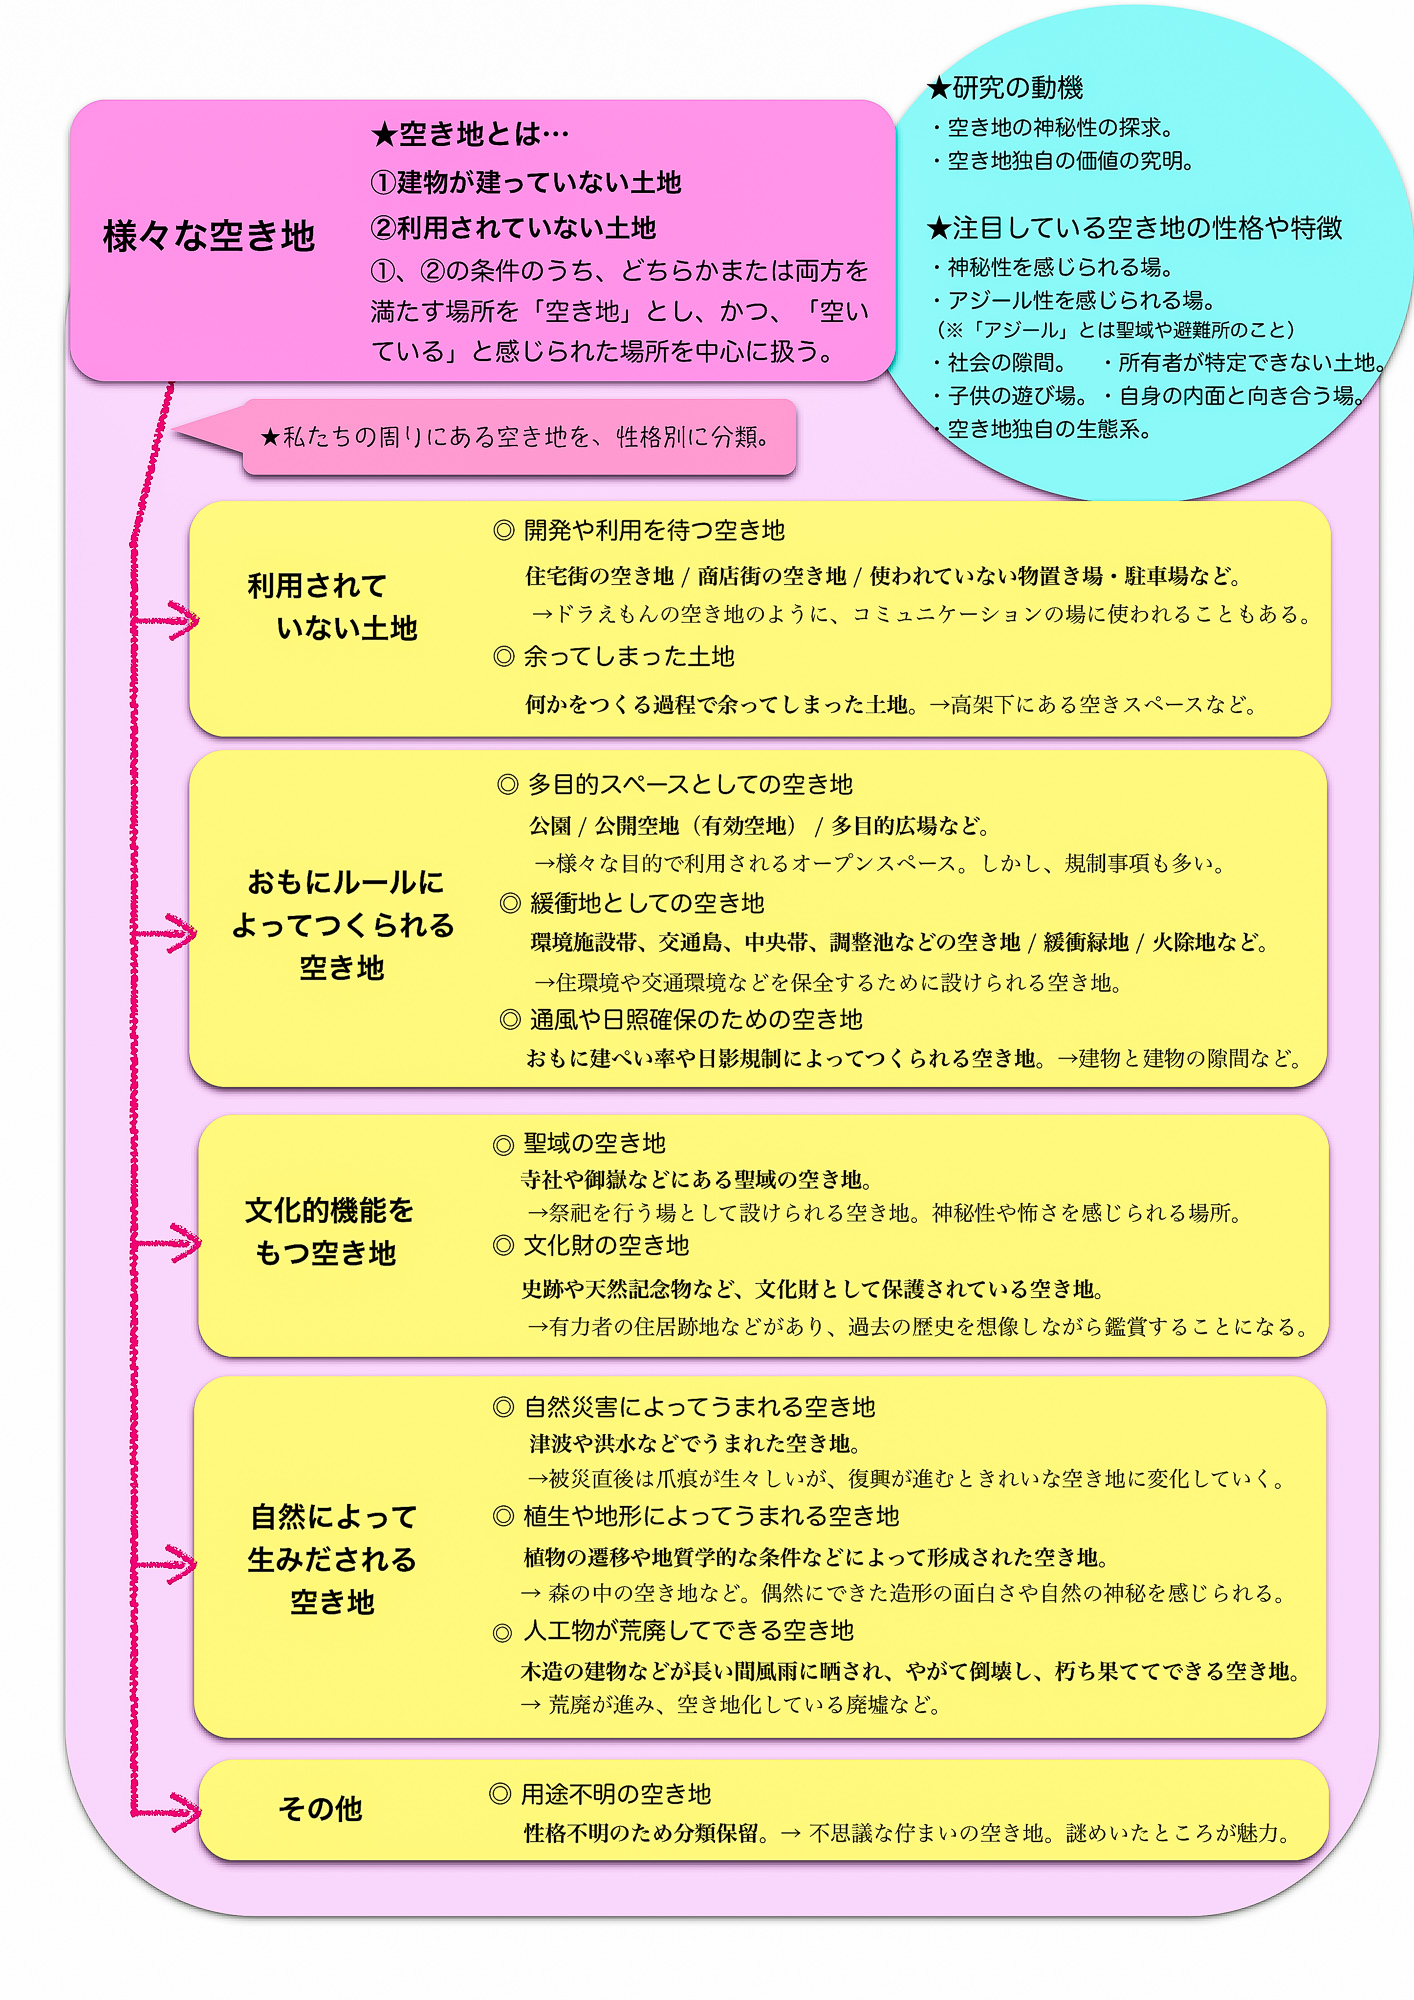 f:id:akichiniiko:20190926222319j:plain